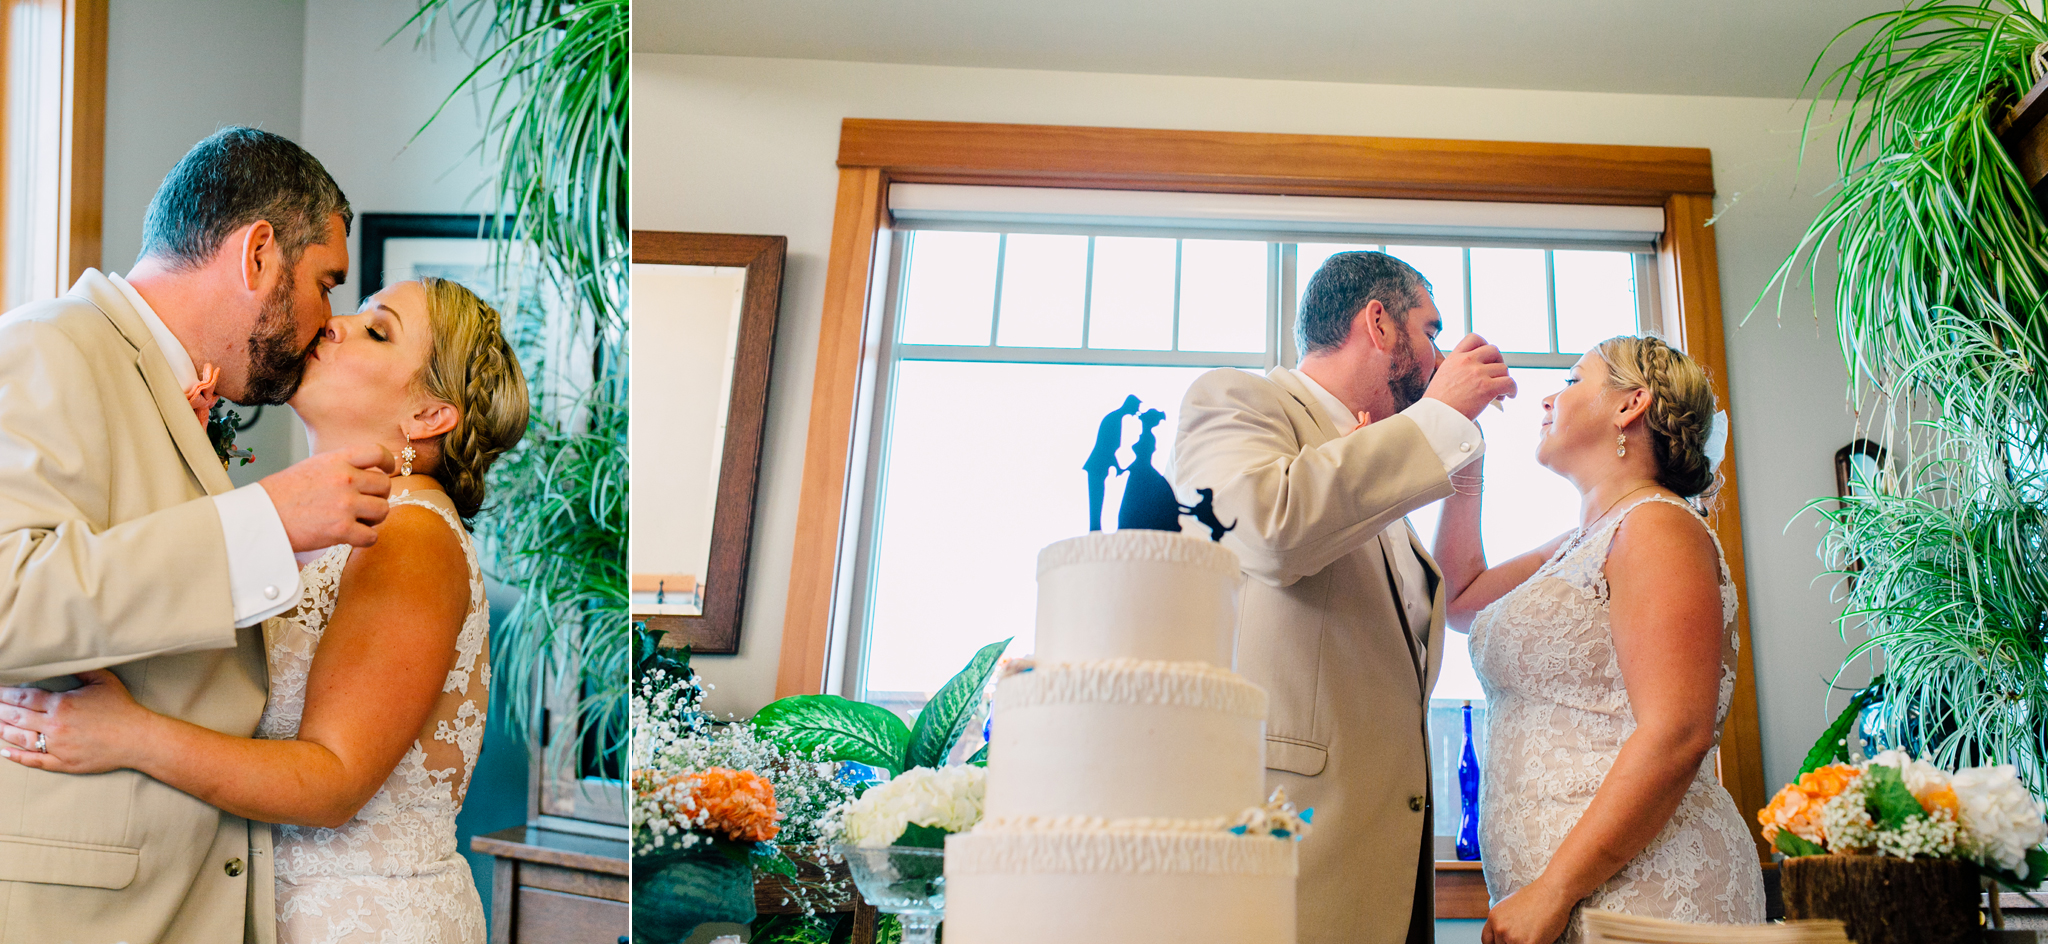 097-bellingham-wedding-photographer-beach-katheryn-moran-elisa-phillip.jpg